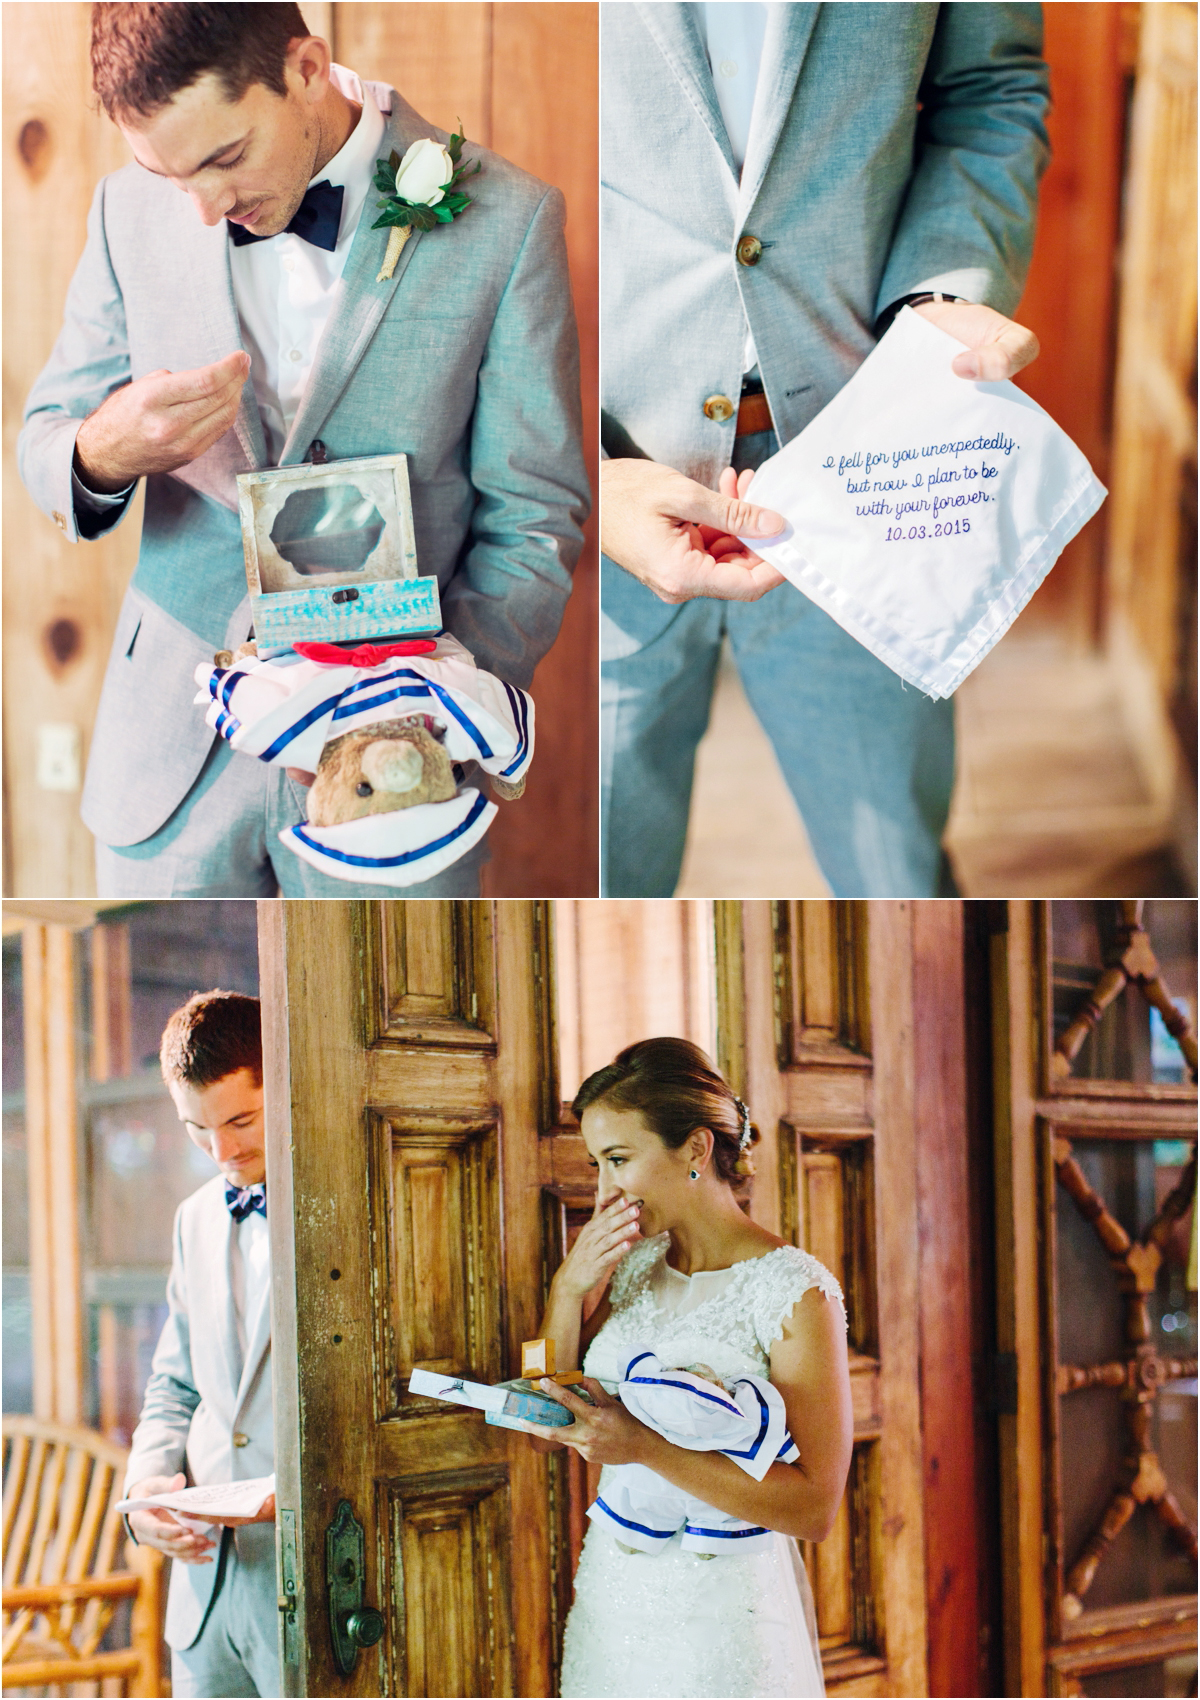 Waldos-Secret-Garden-Wedding-Photos-Vero_0007